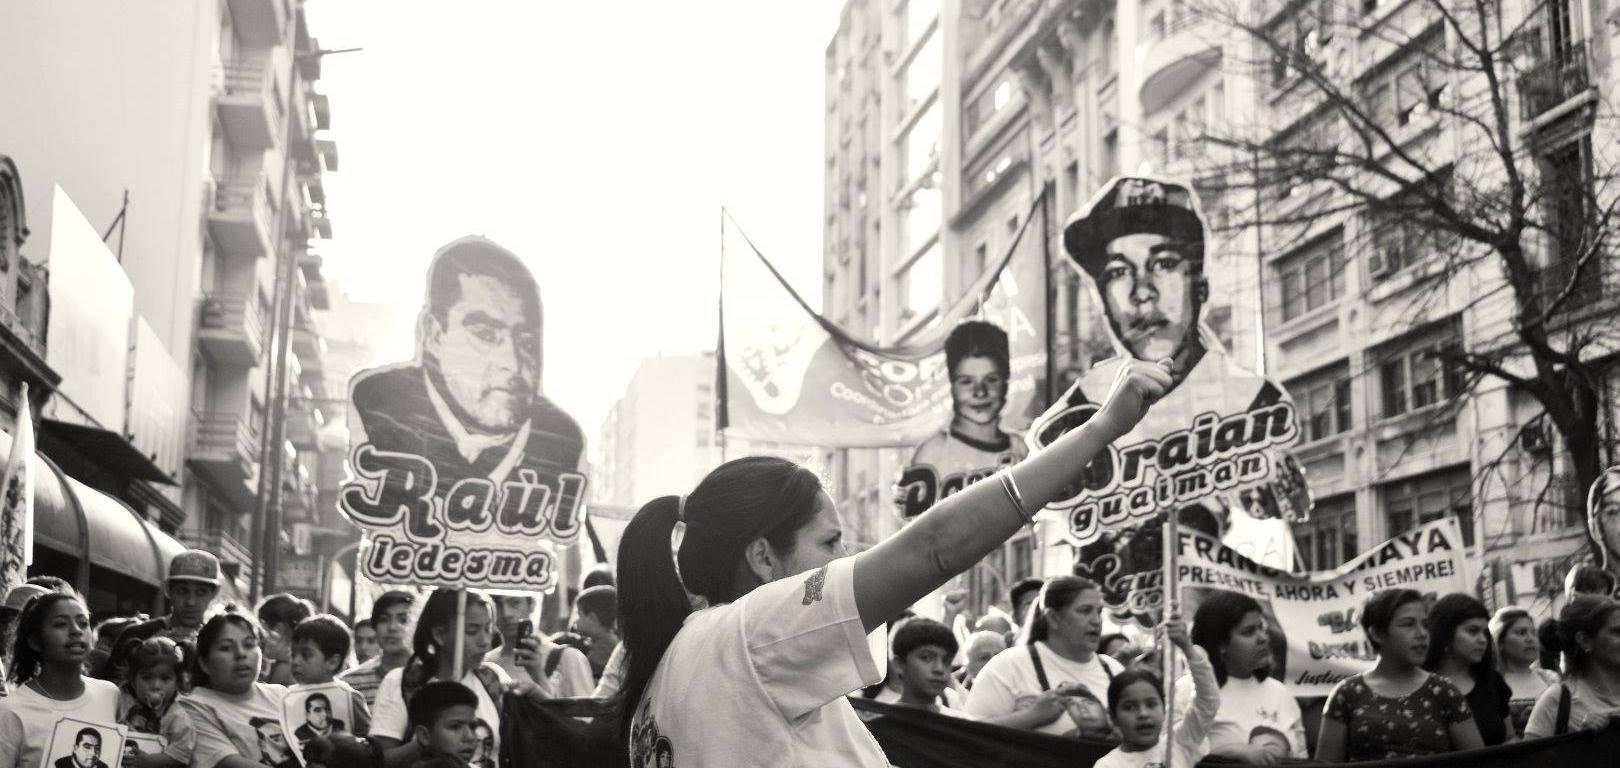 Imágen de la Cobertura Colaborativa de la Marcha Contra el Gatillo Fácil